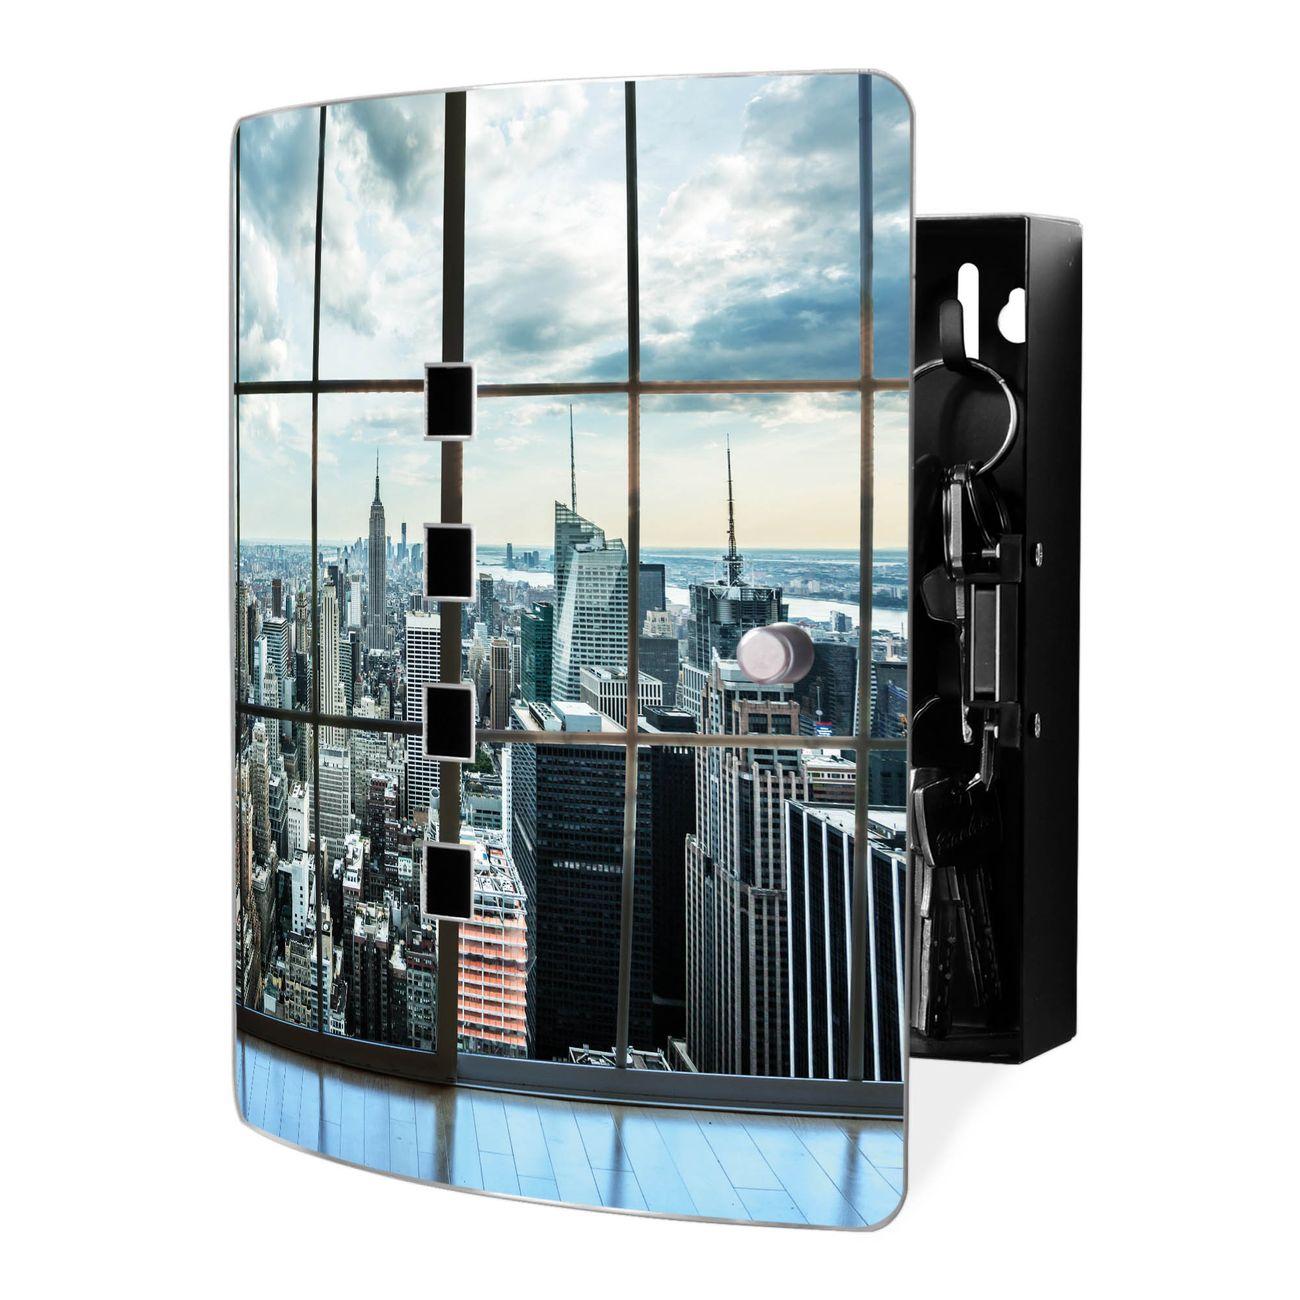 Schlüsselkasten Motiv Skyline Manhattan